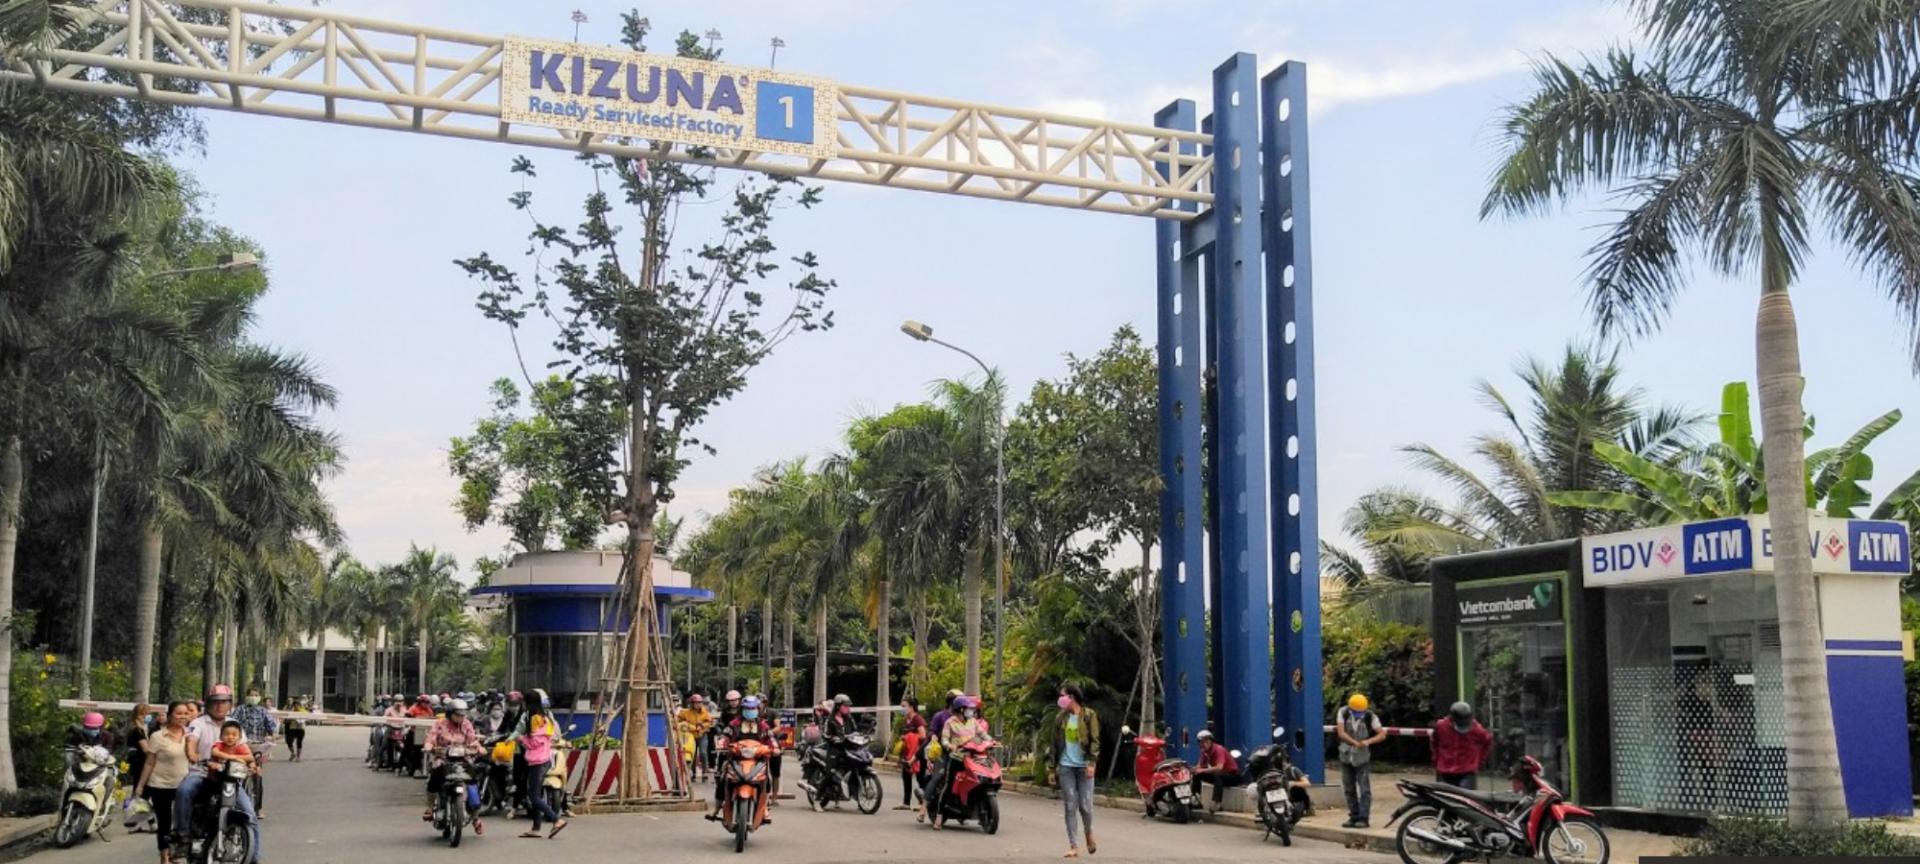 Cho thuê nhà xưởng tại Kizuna 1